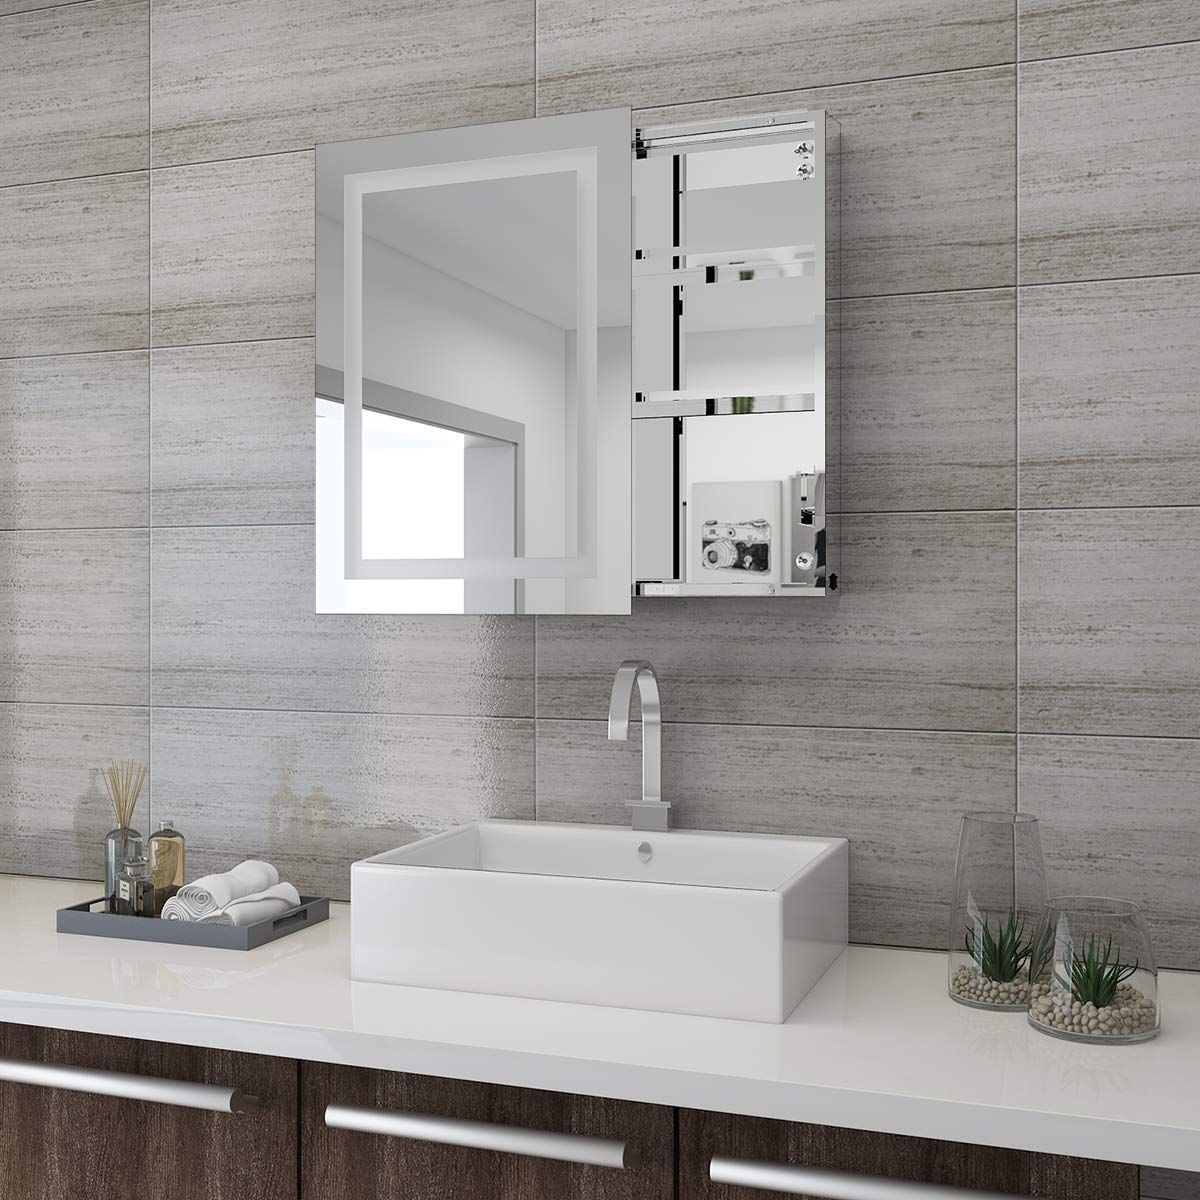 Tolle Badezimmerspiegel Kleben Inspirations Und Dekorationsideen